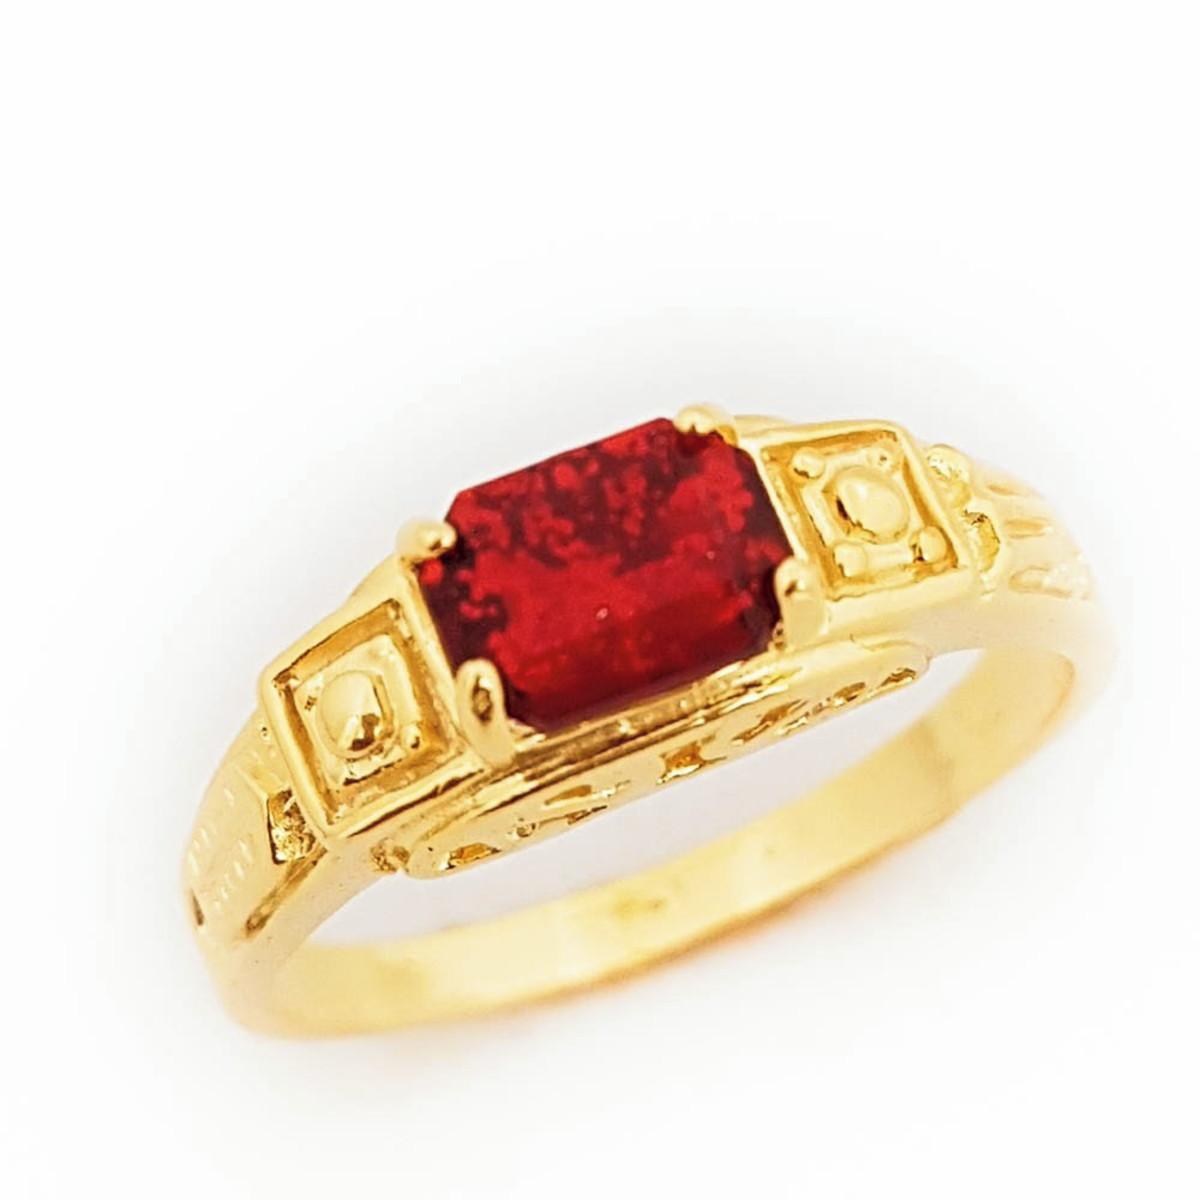 708b003772415 Anel Vermelho Rubi Formatura Folheado a Ouro 18k no Elo7